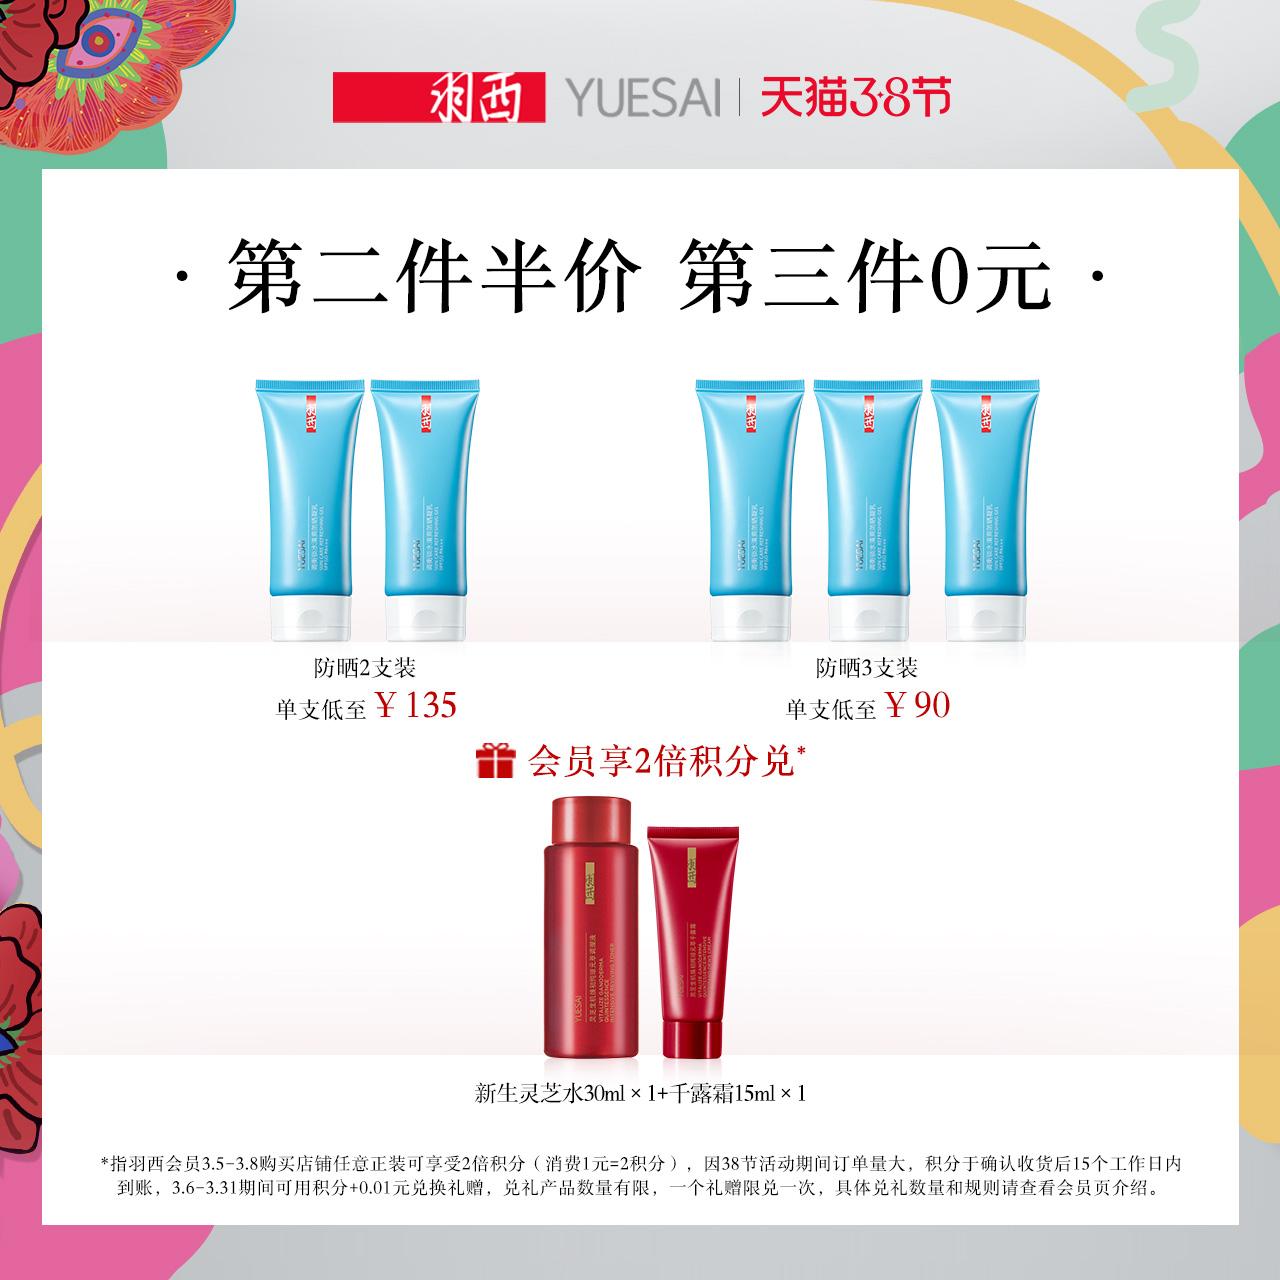 【38立即抢购】羽西雪耳防晒凝乳SPF50 PA+++养肤防晒霜防紫外线